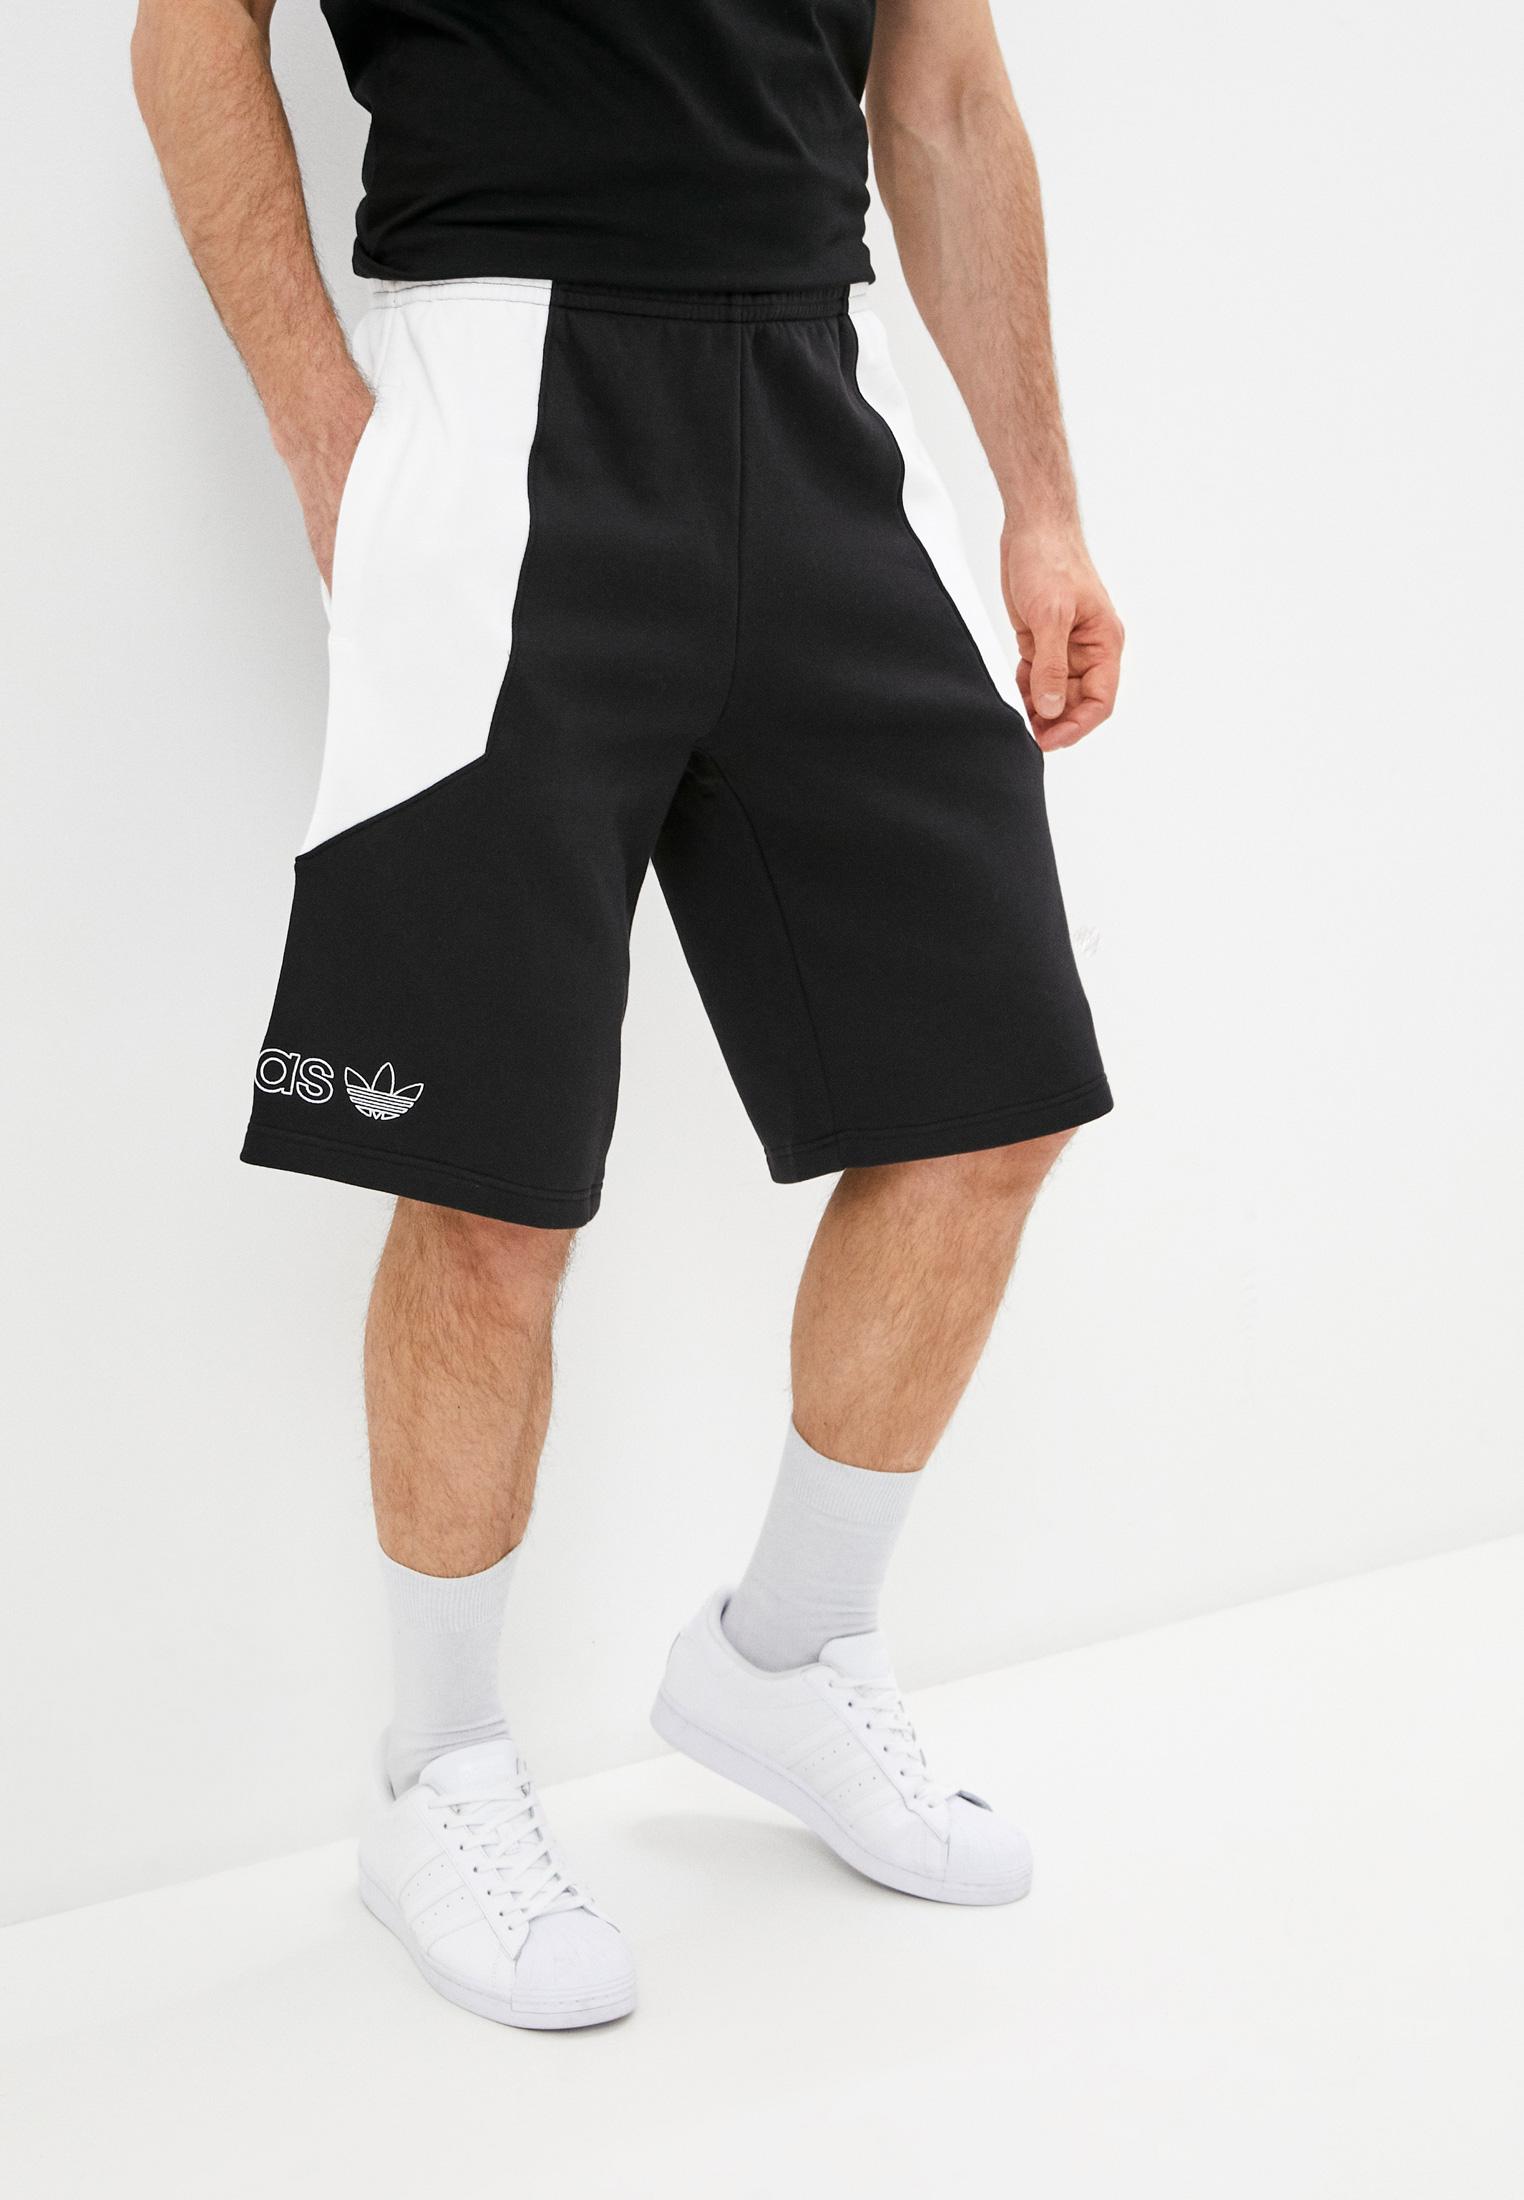 Мужские спортивные шорты Adidas Originals (Адидас Ориджиналс) Шорты спортивные adidas Originals